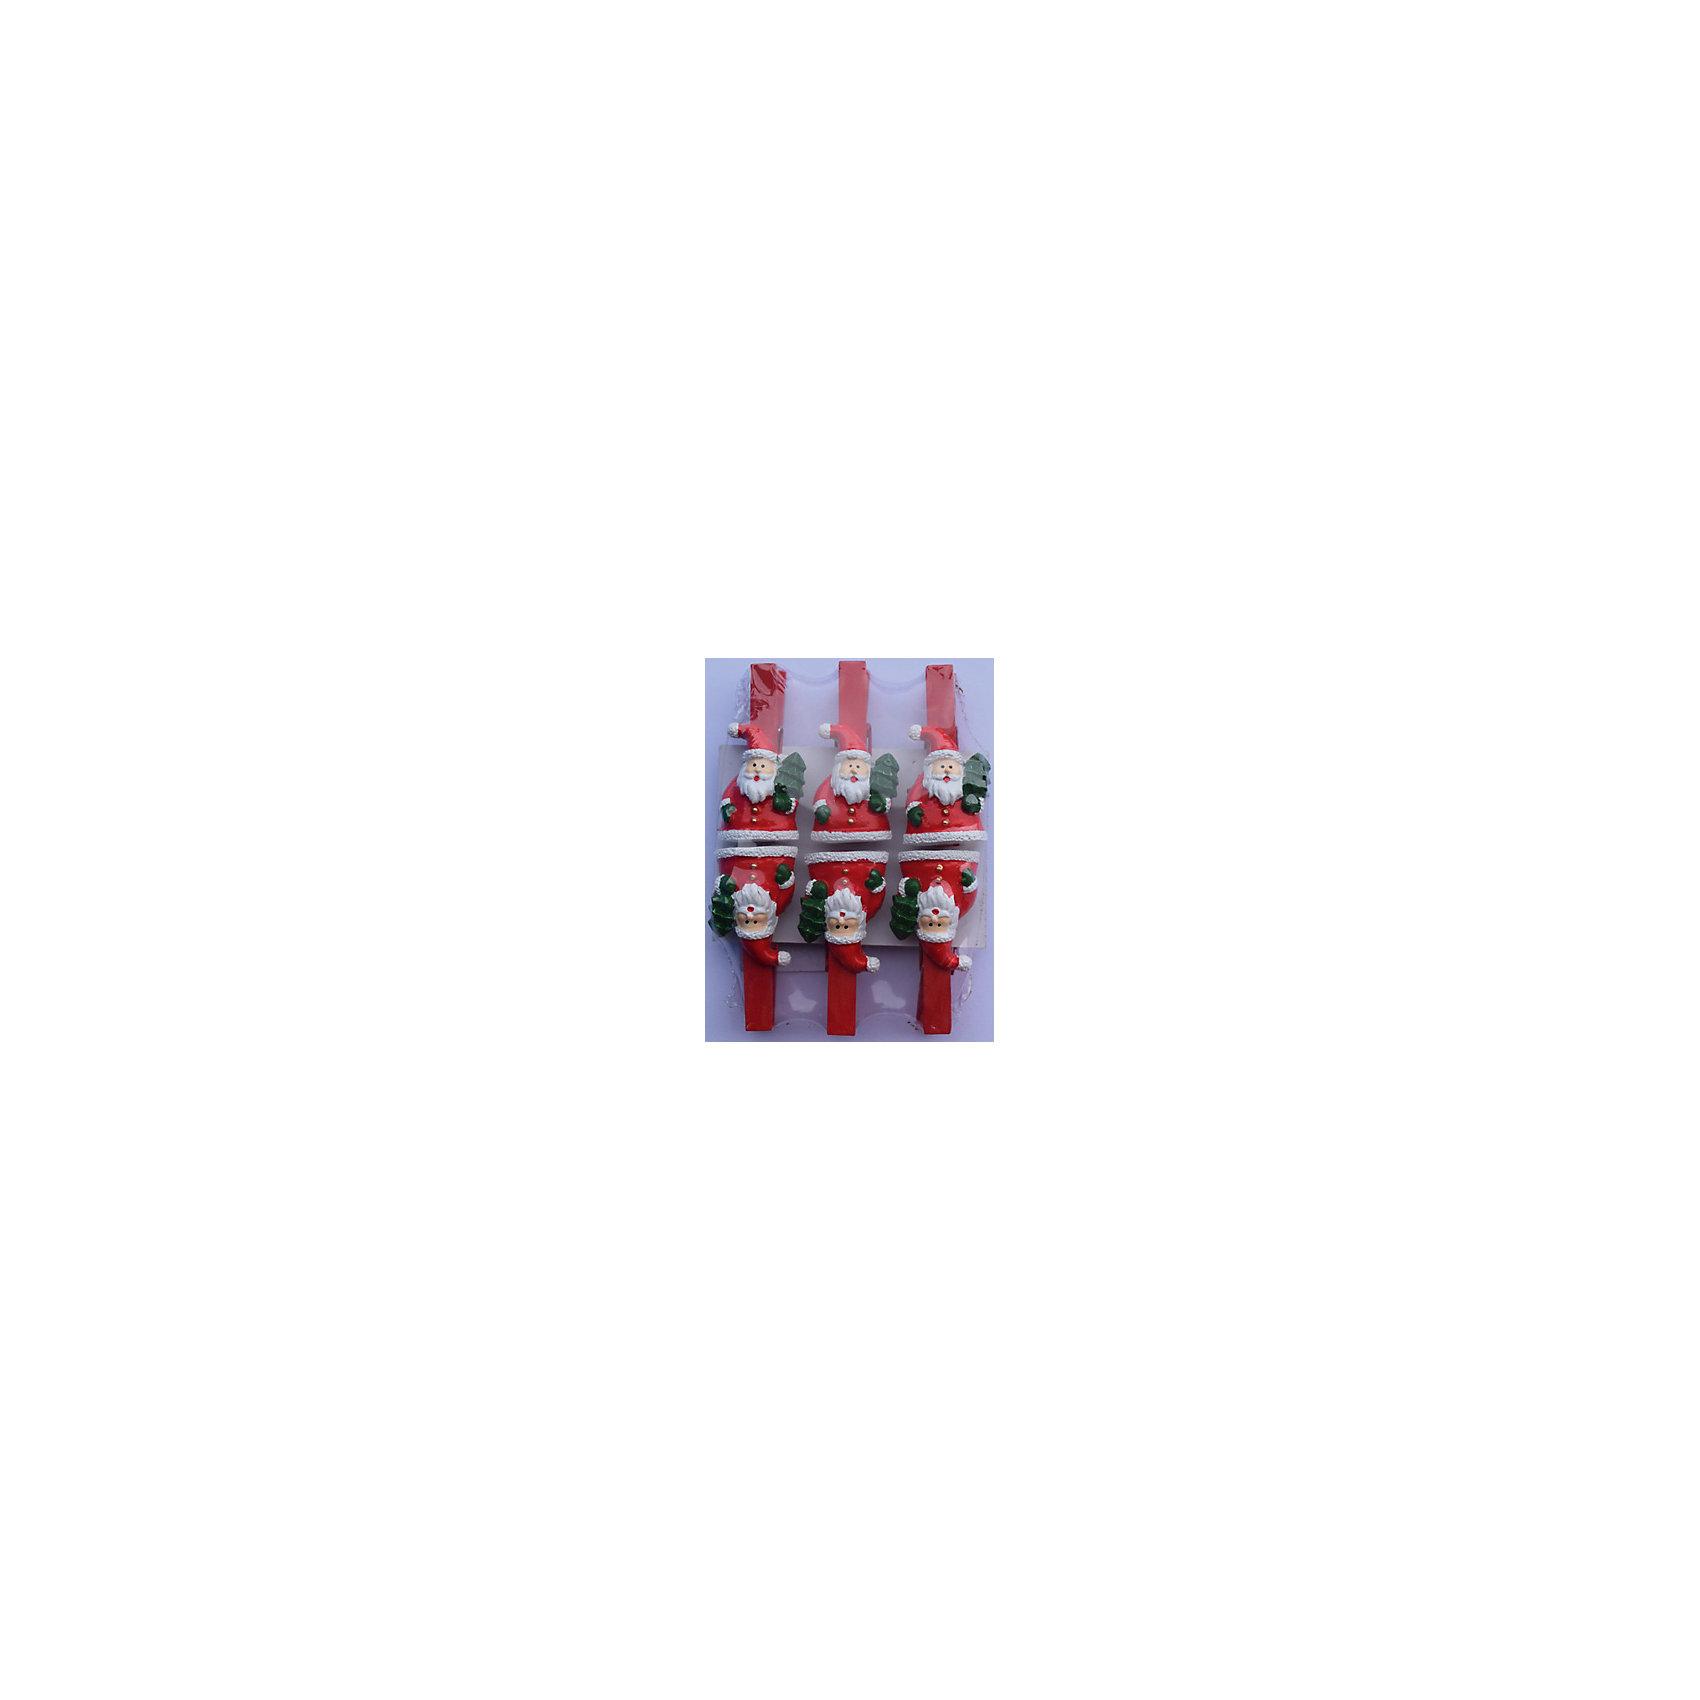 Набор прищепок Круглые санты 6 штПриближение Нового года не может не радовать! Праздничное настроение создает в первую очередь украшенный дом и, особенно, наряженная ёлка. Будь она из леса или искусственная - такие подвесные игрушки украсят любую!<br>Они сделаны из безопасного для детей, прочного, но легкого, материала, поэтому не разобьются, упав на пол. На украшениях есть прищепка, чтобы их можно было крепить на ёлку. Благодаря расцветке украшение отлично смотрится на ёлке. Создайте с ним праздничное настроение себе и близким!<br><br>Дополнительная информация:<br><br>размер: 10 х 9 х 2 см;<br>материал: полирезина;<br>комплектация: 6 шт.<br><br>Набор прищепок Круглые санты 6 шт можно купить в нашем магазине.<br><br>Ширина мм: 150<br>Глубина мм: 150<br>Высота мм: 60<br>Вес г: 44<br>Возраст от месяцев: 36<br>Возраст до месяцев: 2147483647<br>Пол: Унисекс<br>Возраст: Детский<br>SKU: 4981647